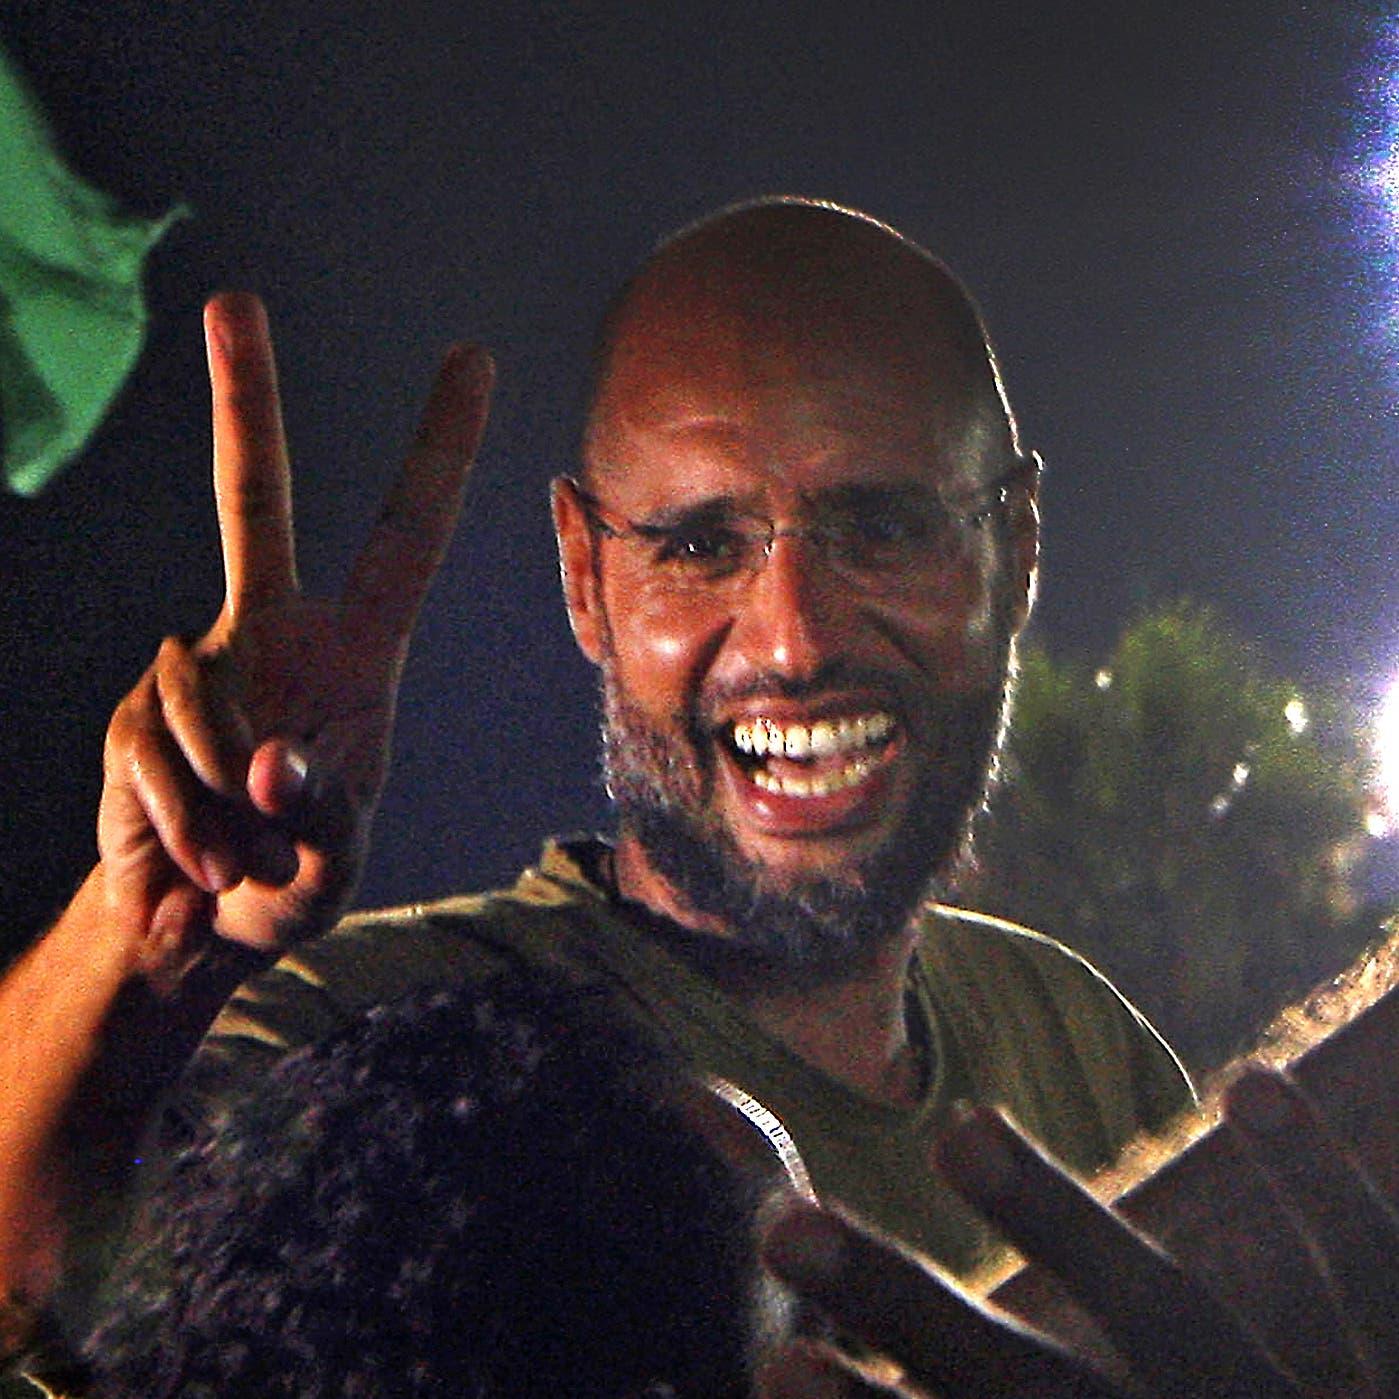 رجالات القذافي أطلوا.. هل يترشحون لانتخابات ليبيا؟